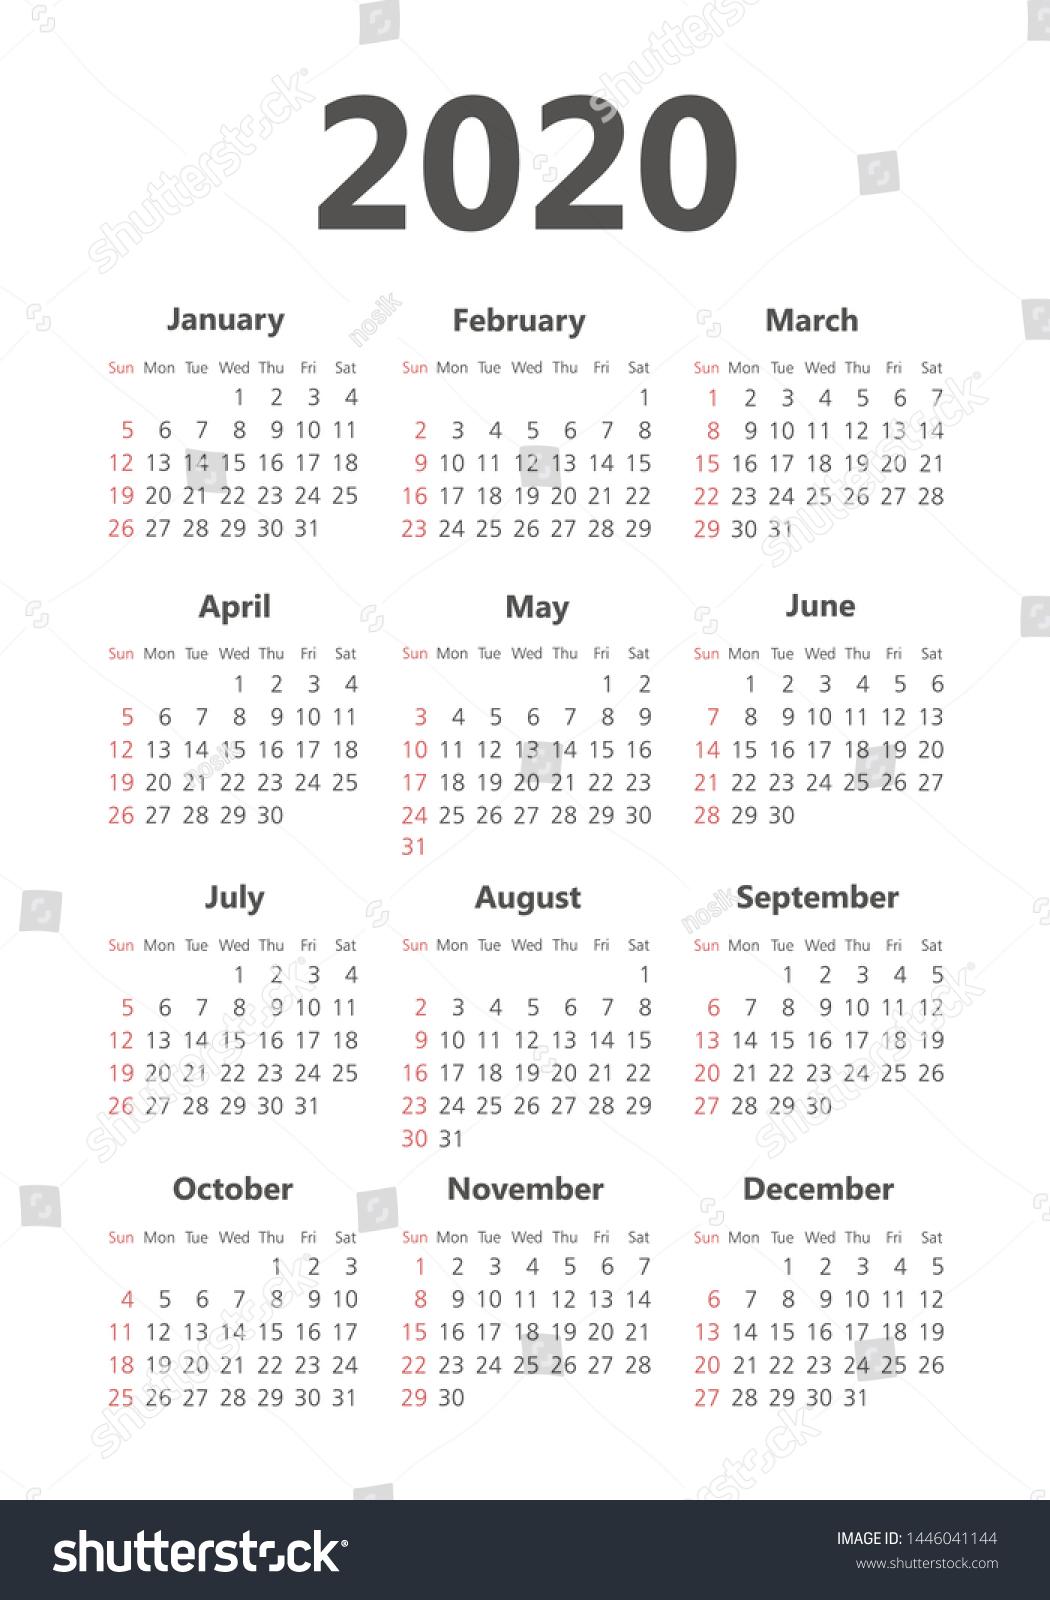 Стоковая Векторная Графика «Calendar 2020 Year Black White